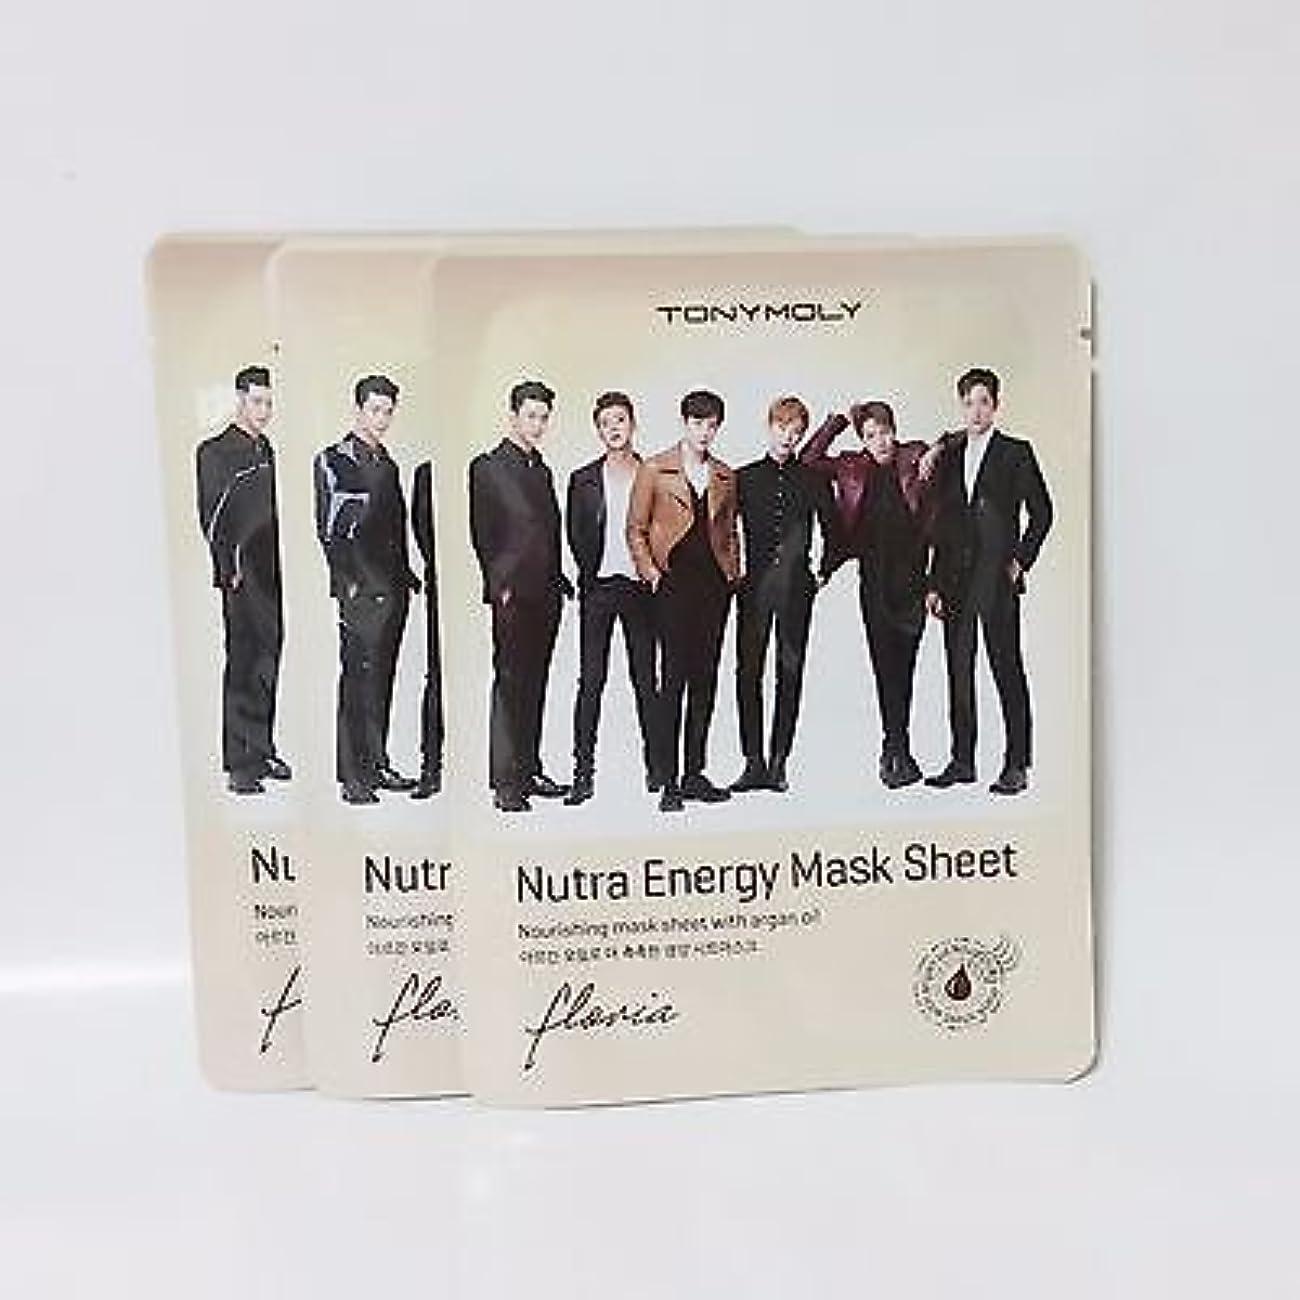 知覚的国民司令官TONY MOLY トニーモリー ニュートラ エナジーマスクシート NUTRA-ENERGY MASK SHEET (20g) [並行輸入品]